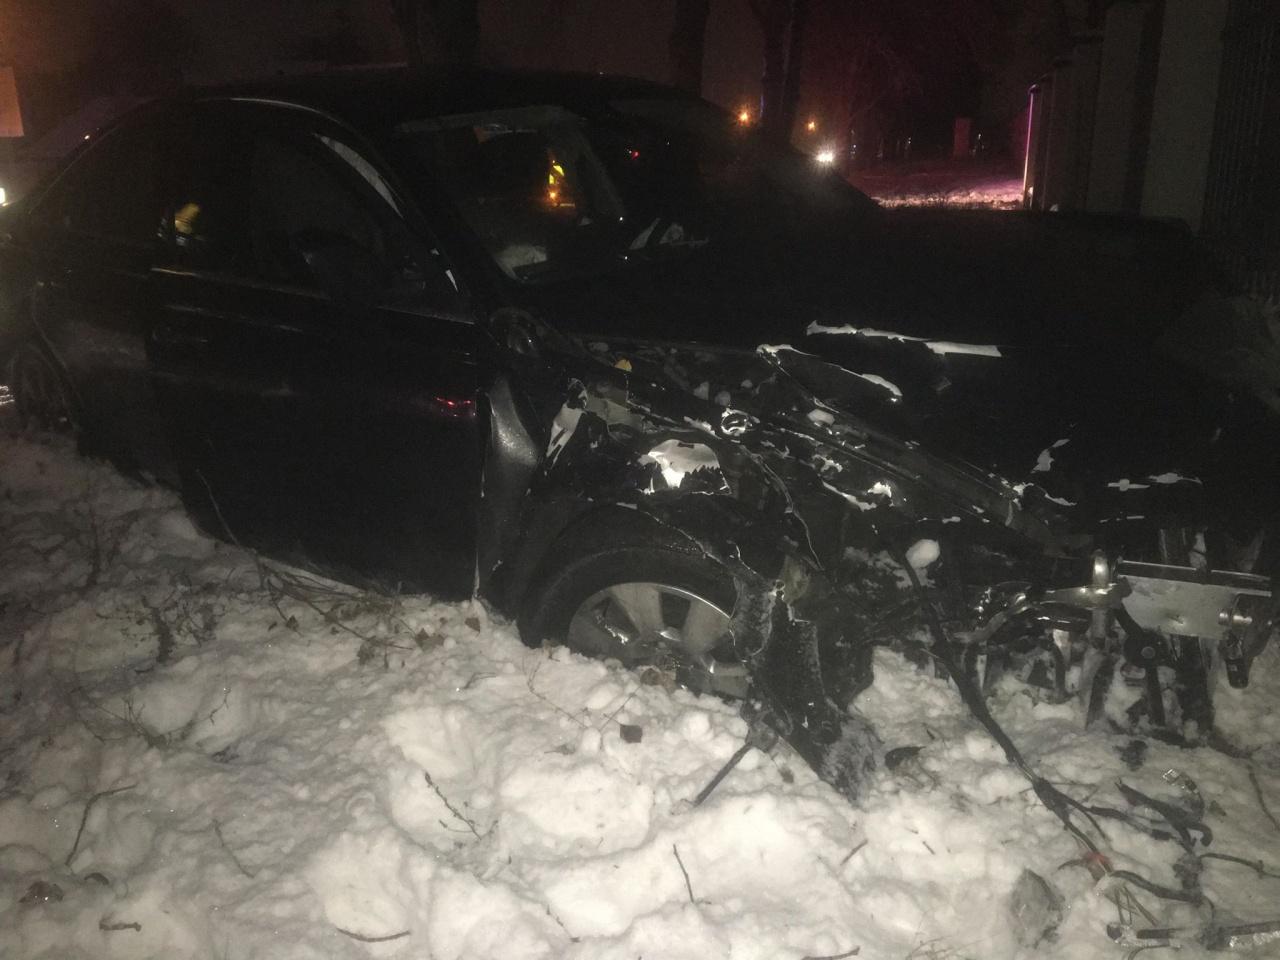 Totálkárosra törtek – Három személyt kórházba szállították a Csemete utcai balesetből